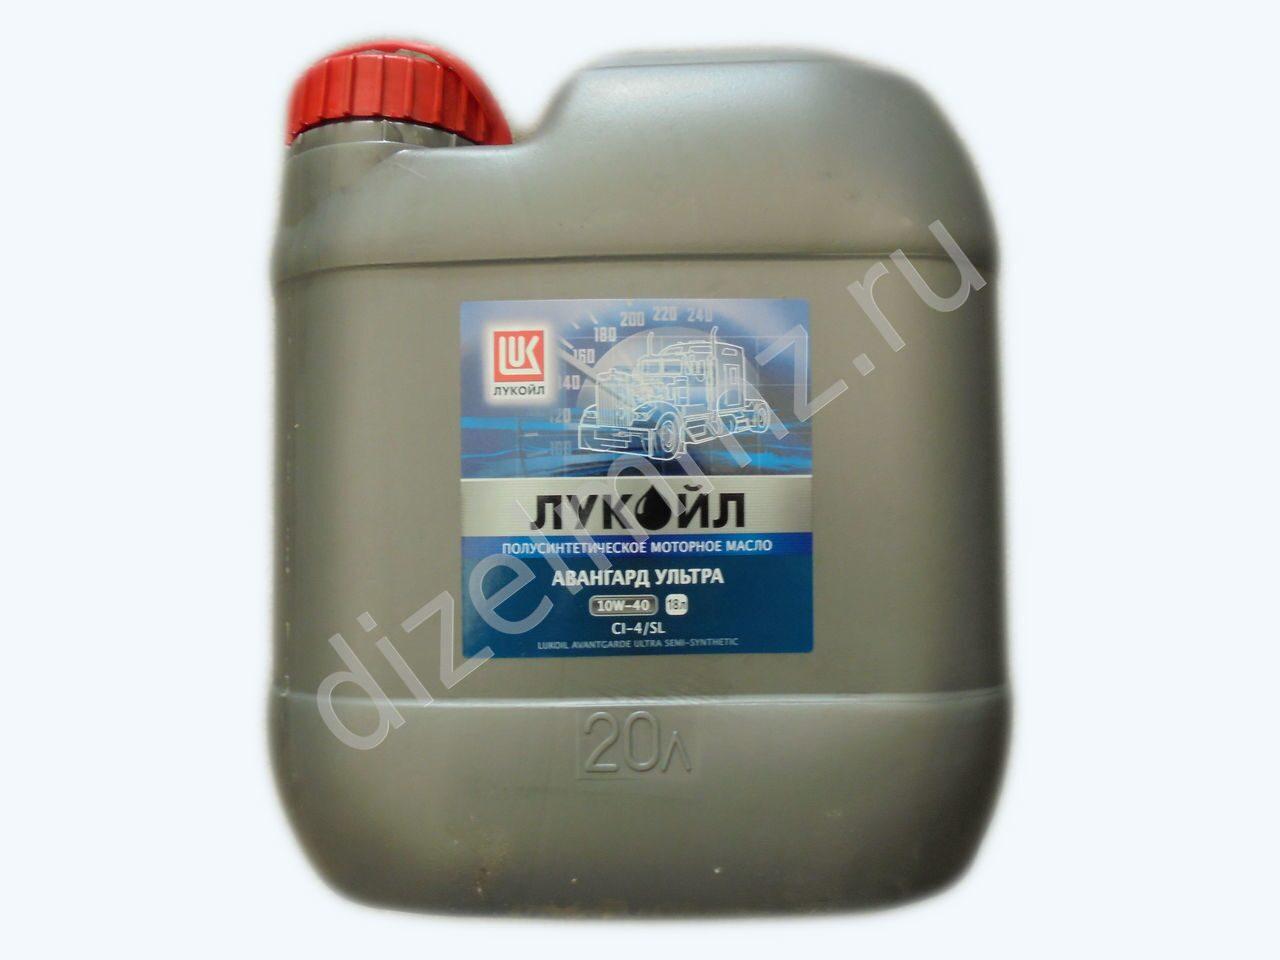 Проверить уровень масла и при необходимости долить его до верхней метки масломера.